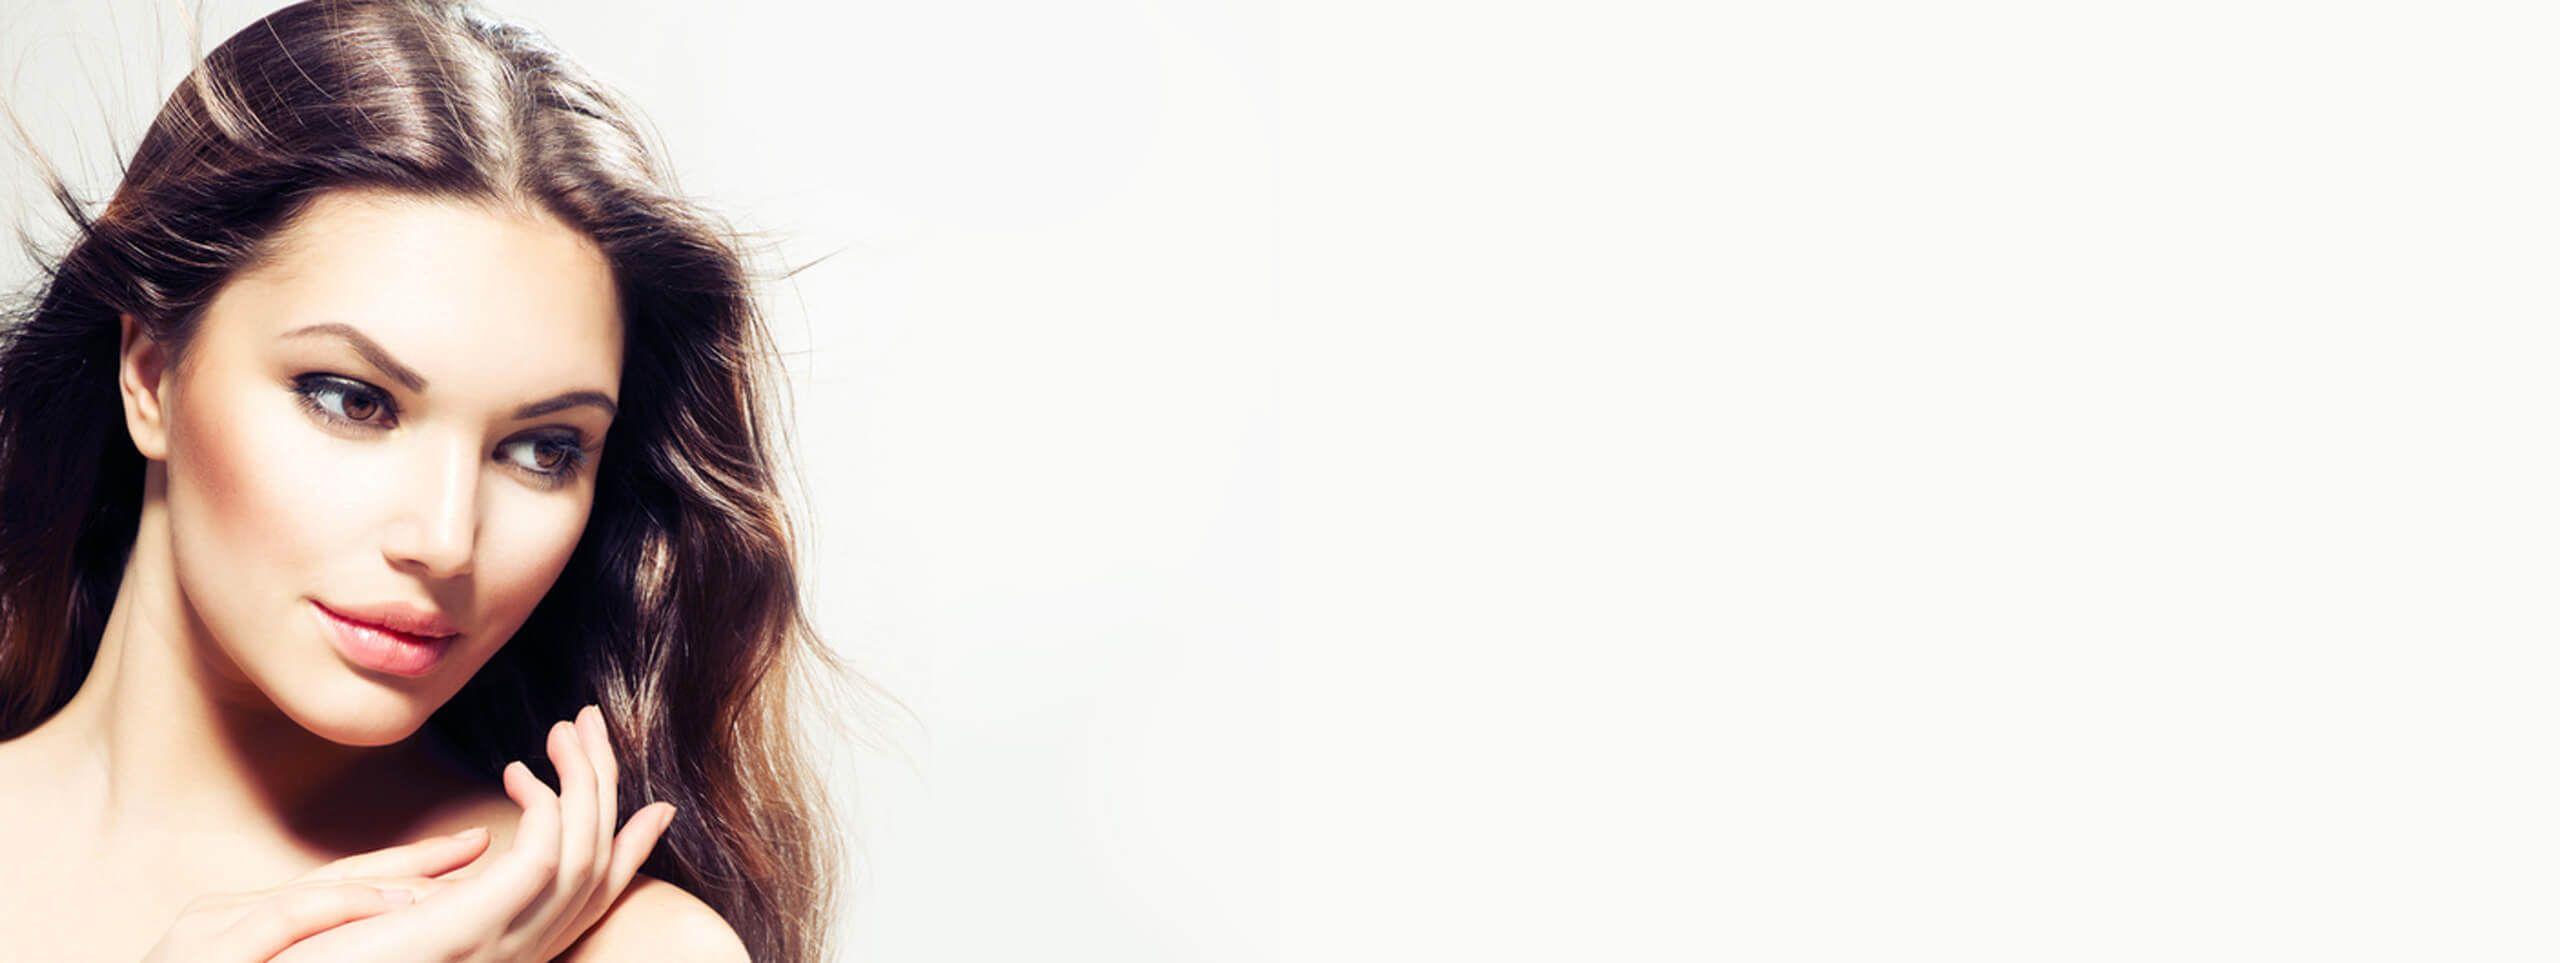 Kobieta z lśniącymi brązowymi włosami